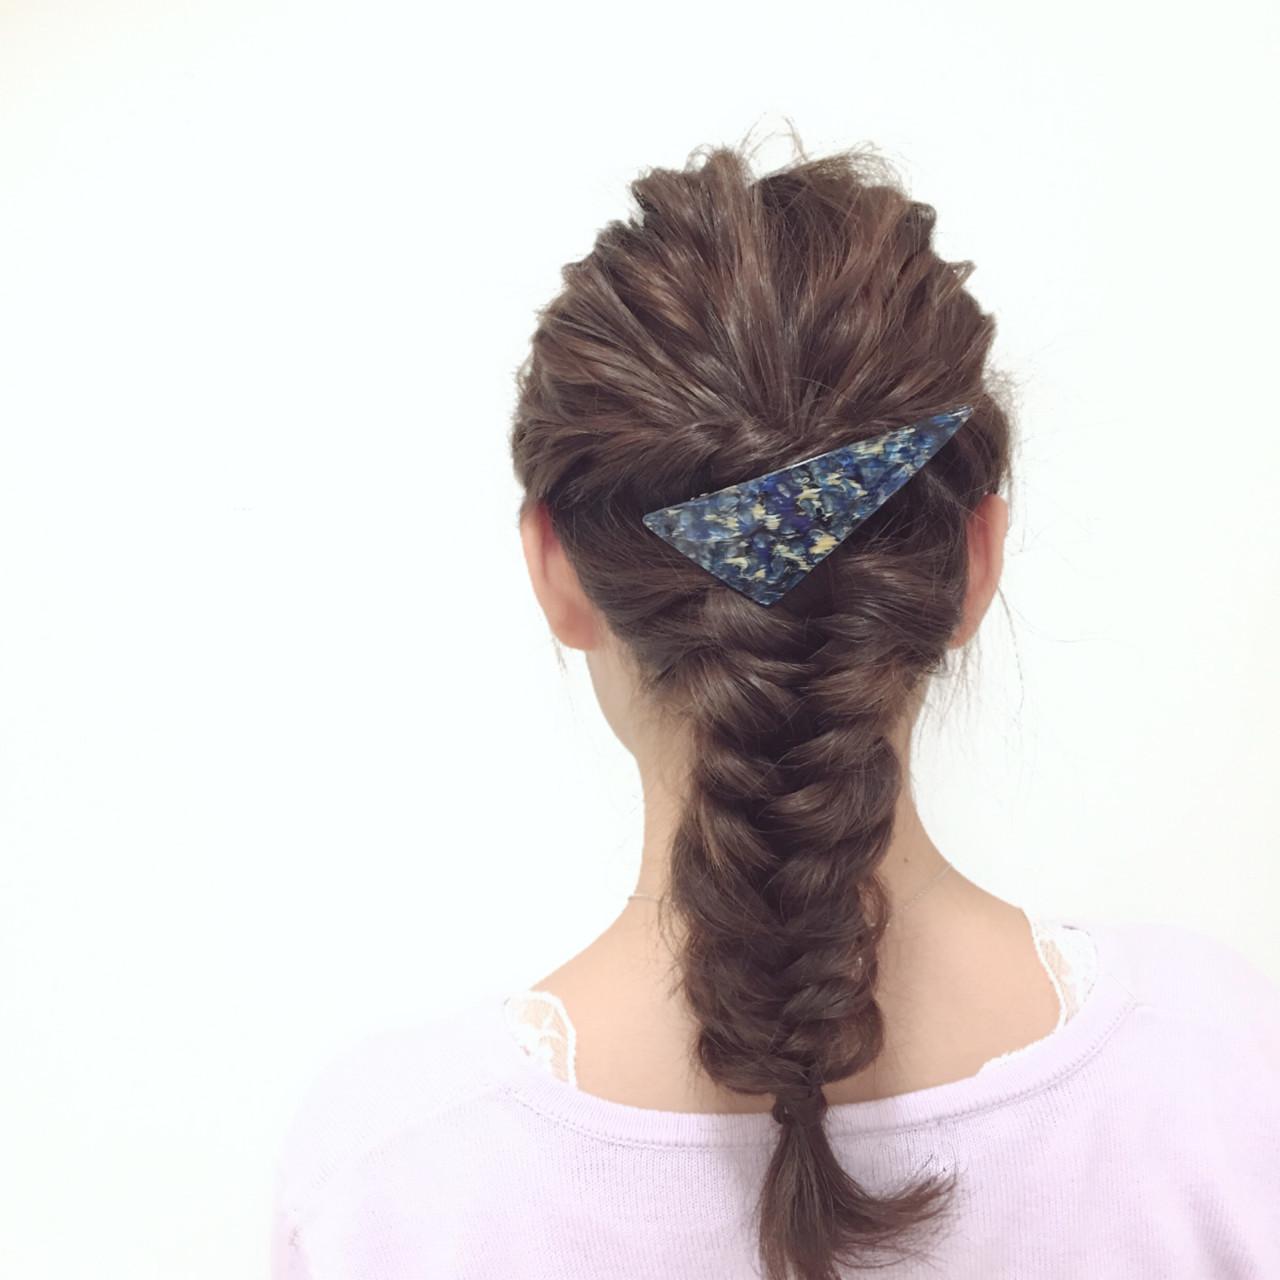 ミディアム ヘアアレンジ 編み込み フェミニン ヘアスタイルや髪型の写真・画像